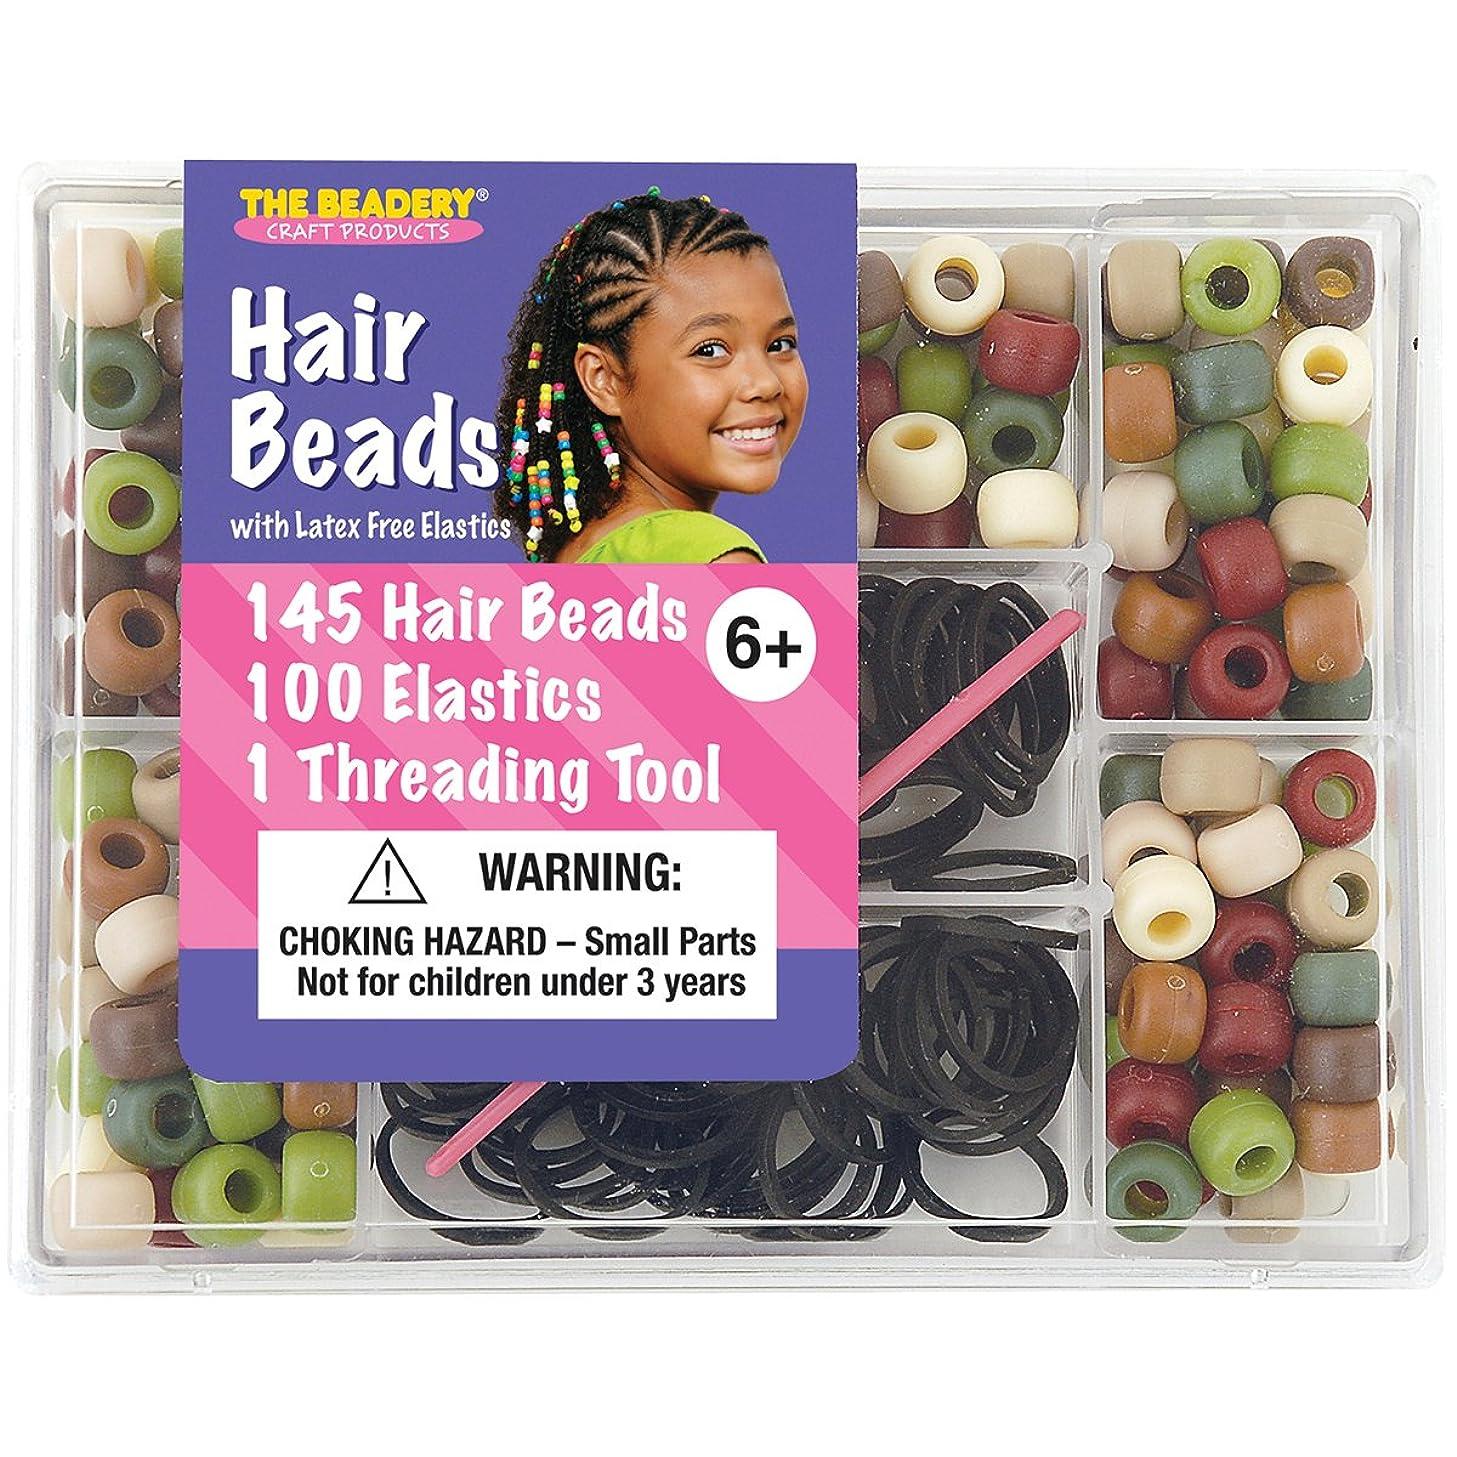 The Beadery Camo Hair Bead Box kfgwbs7291672